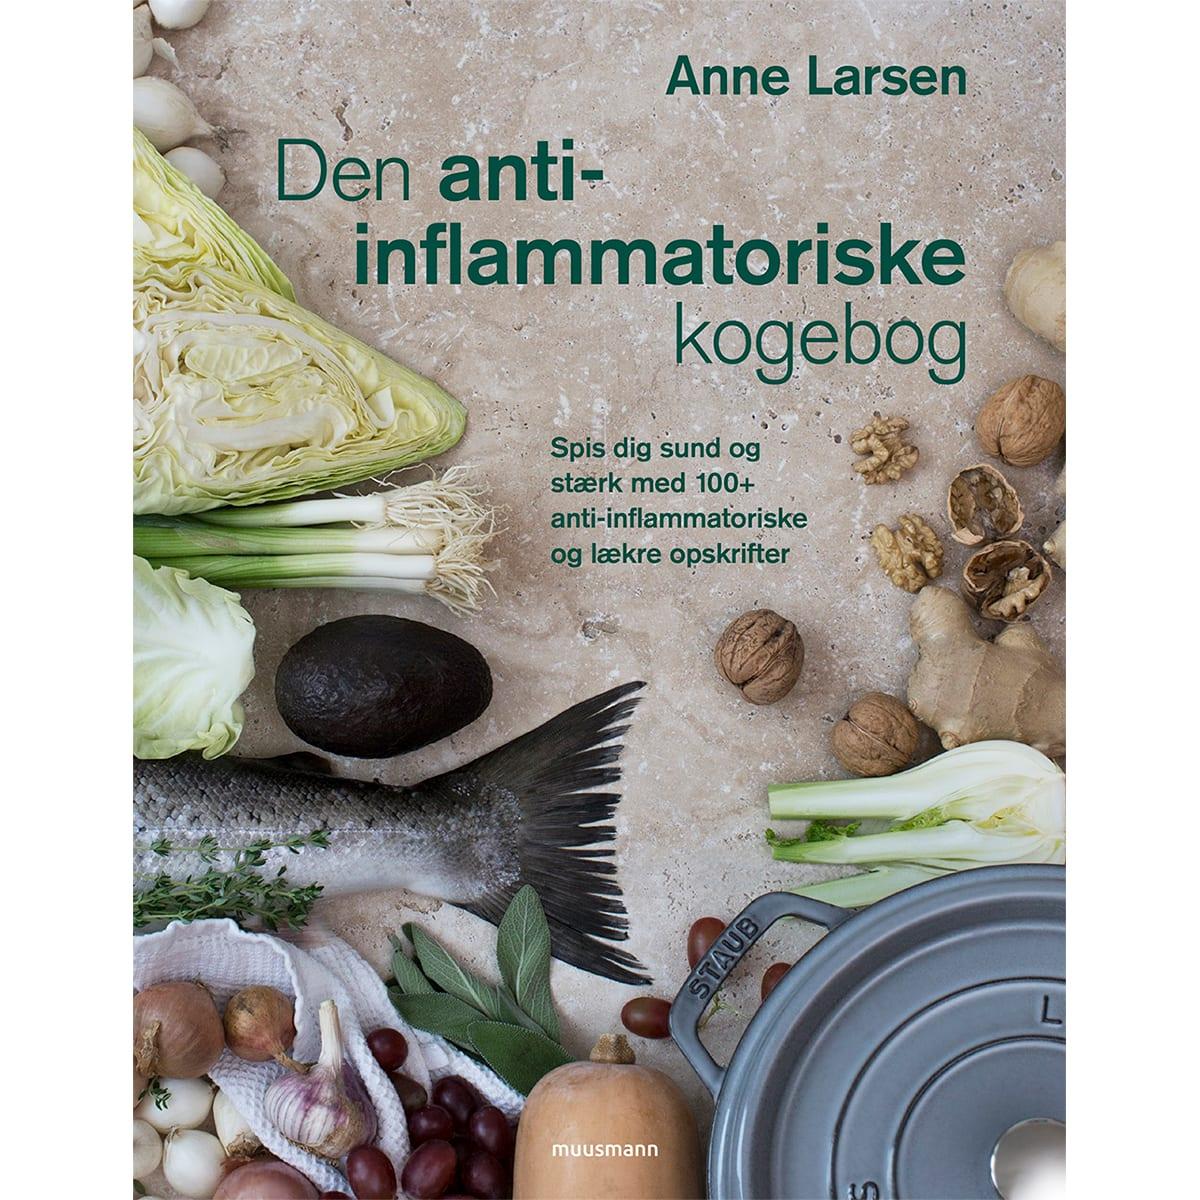 Af Anne Larsen